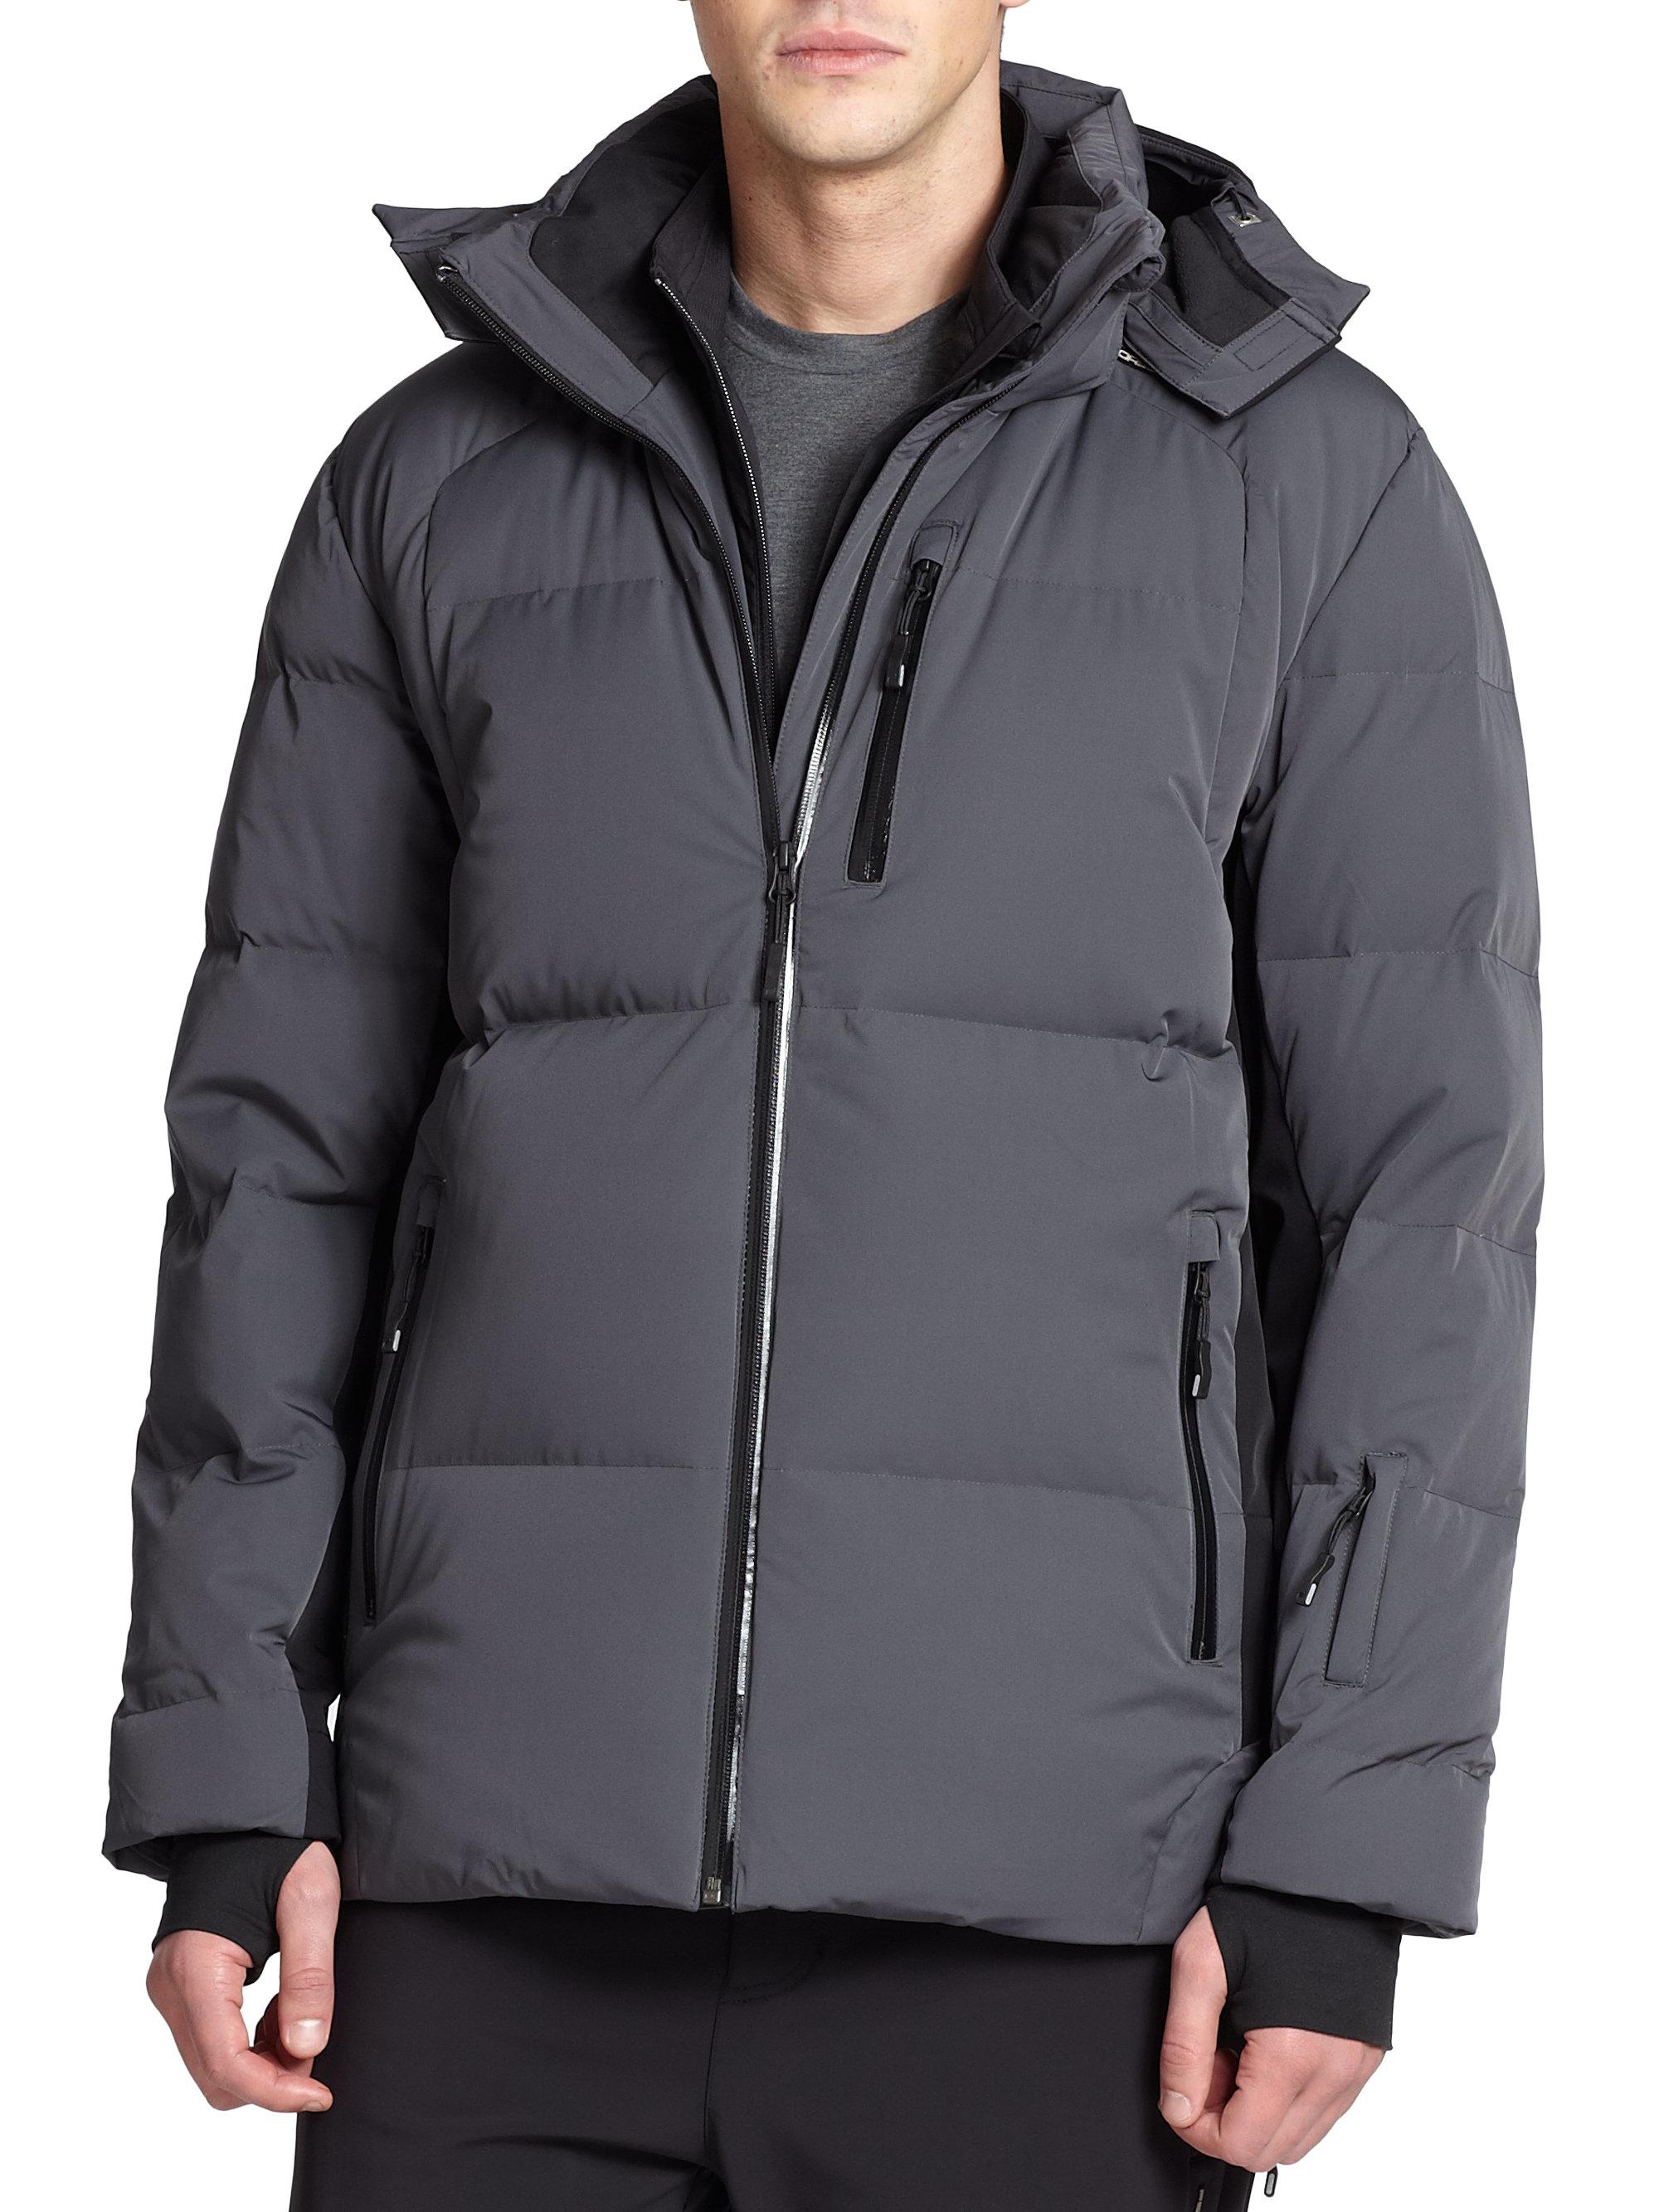 Porsche design jacket